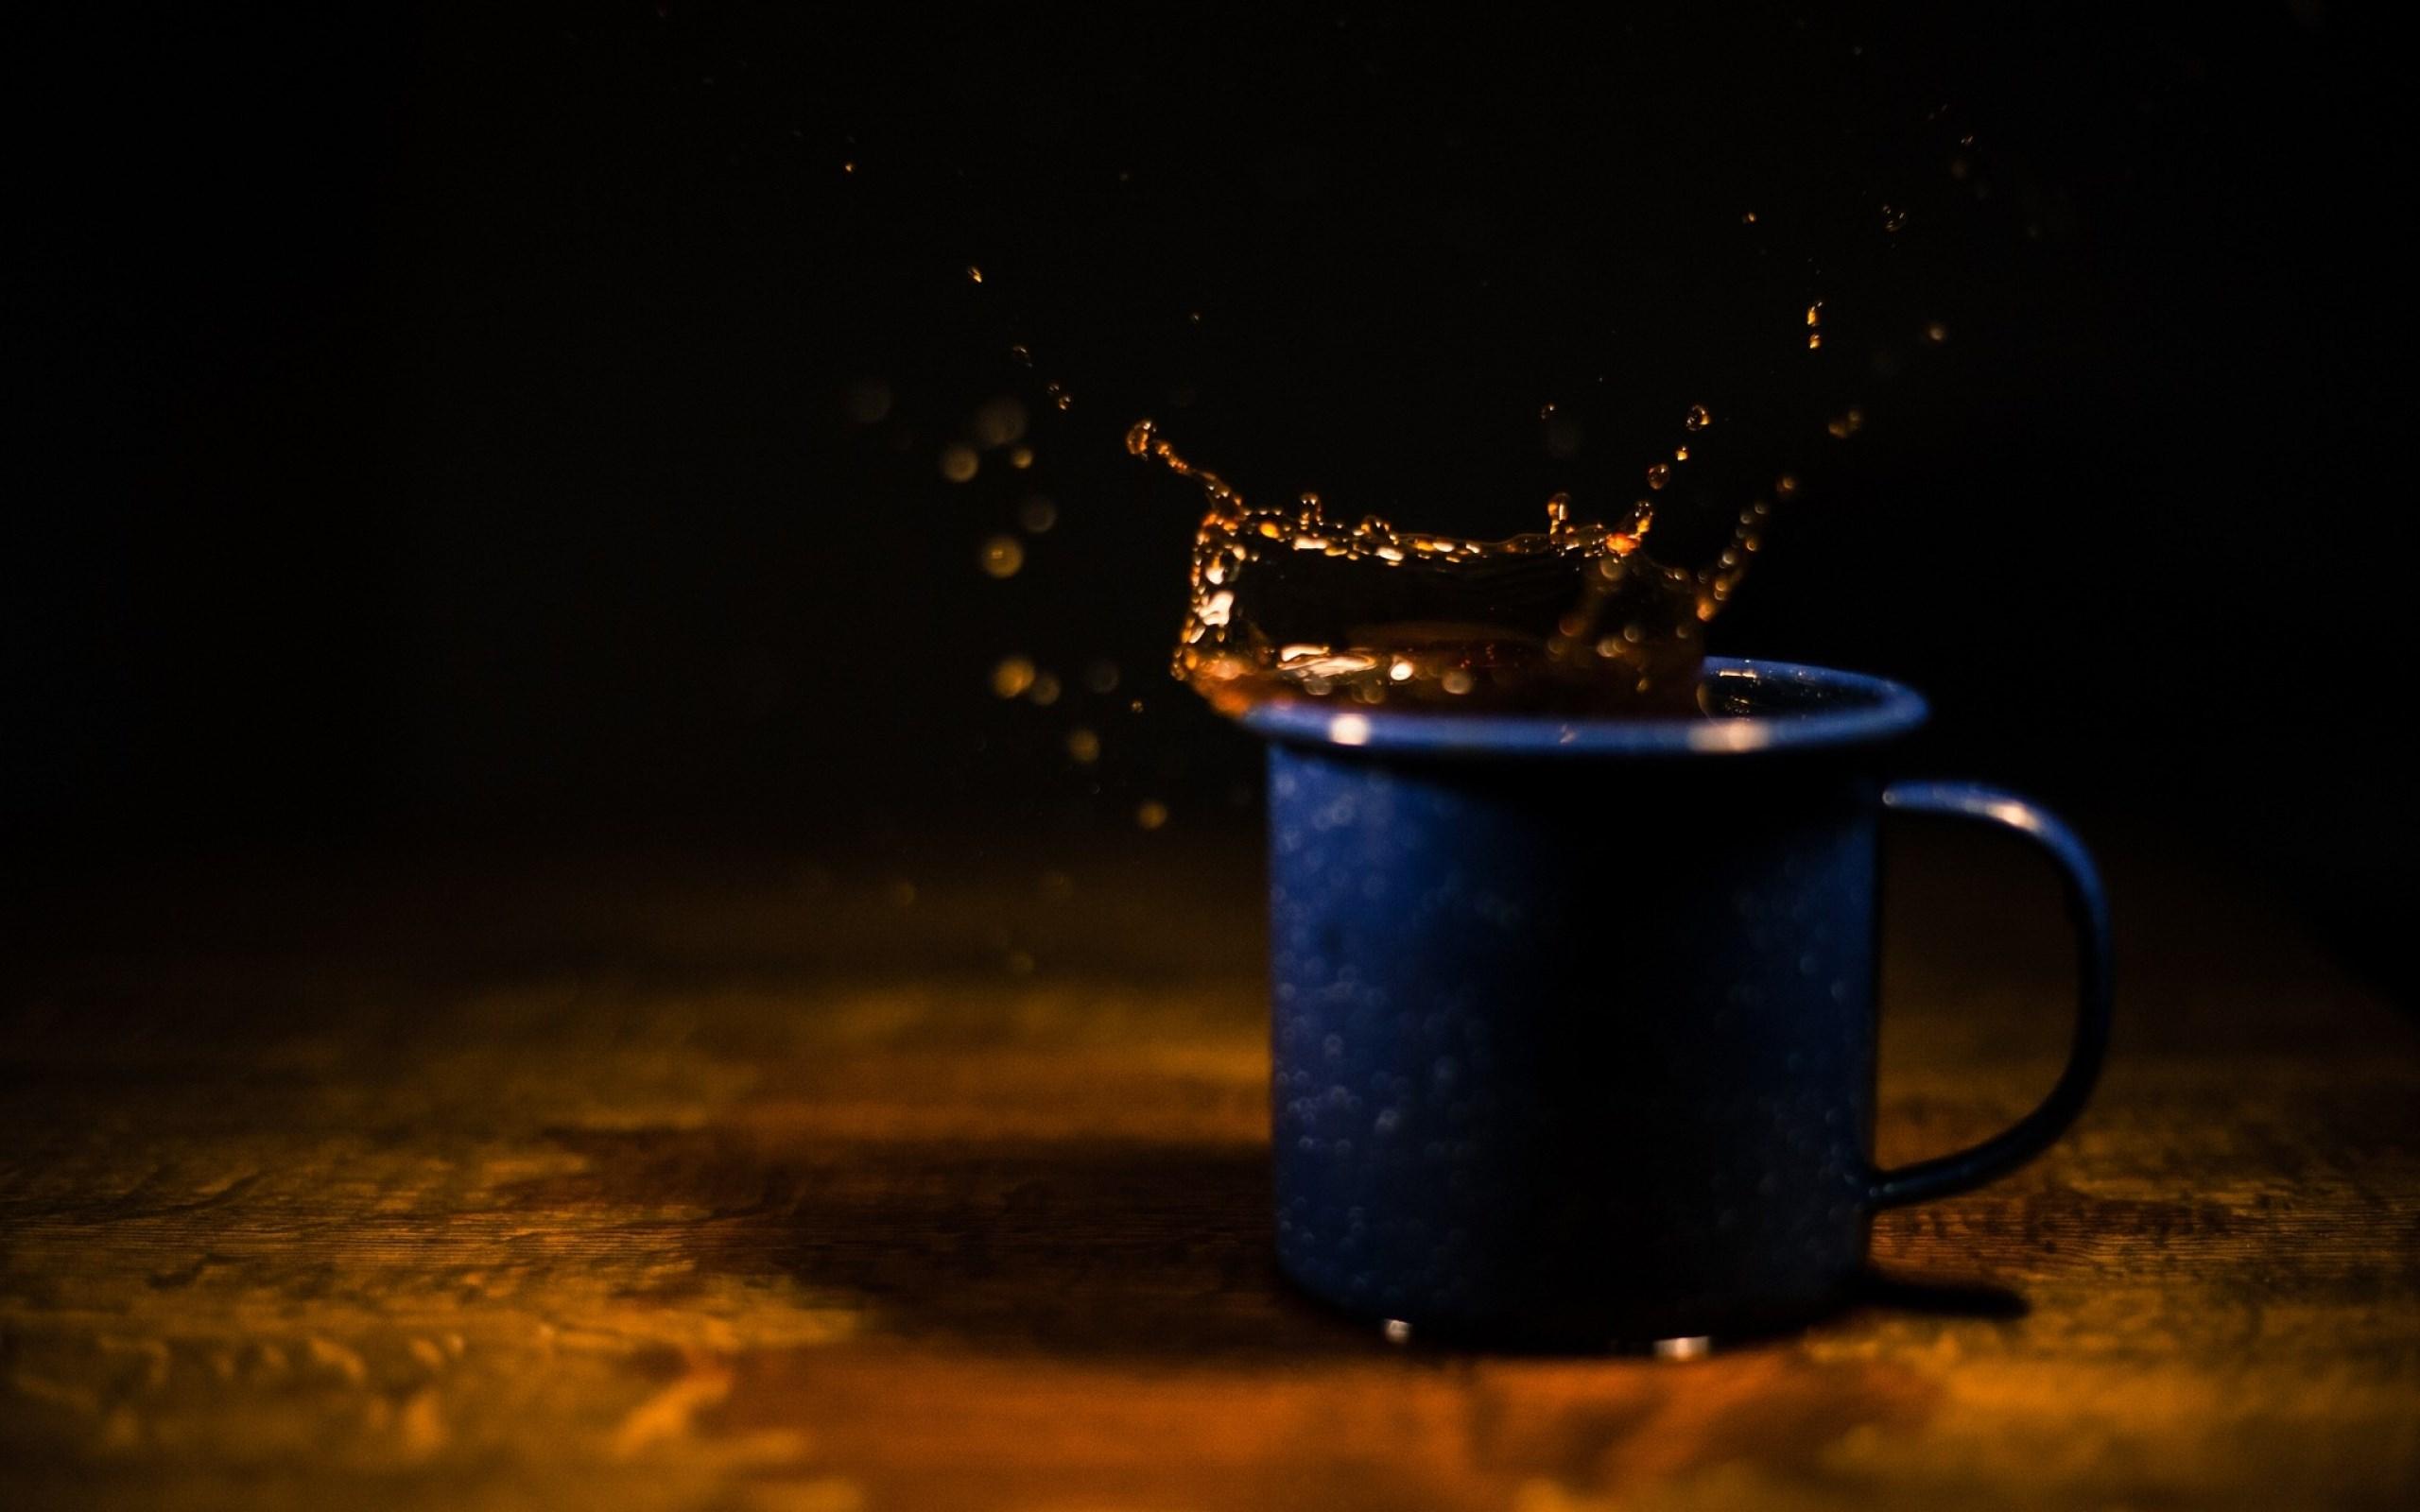 coffee cup splash hd wallpaper   Magic4Wallscom 2560x1600